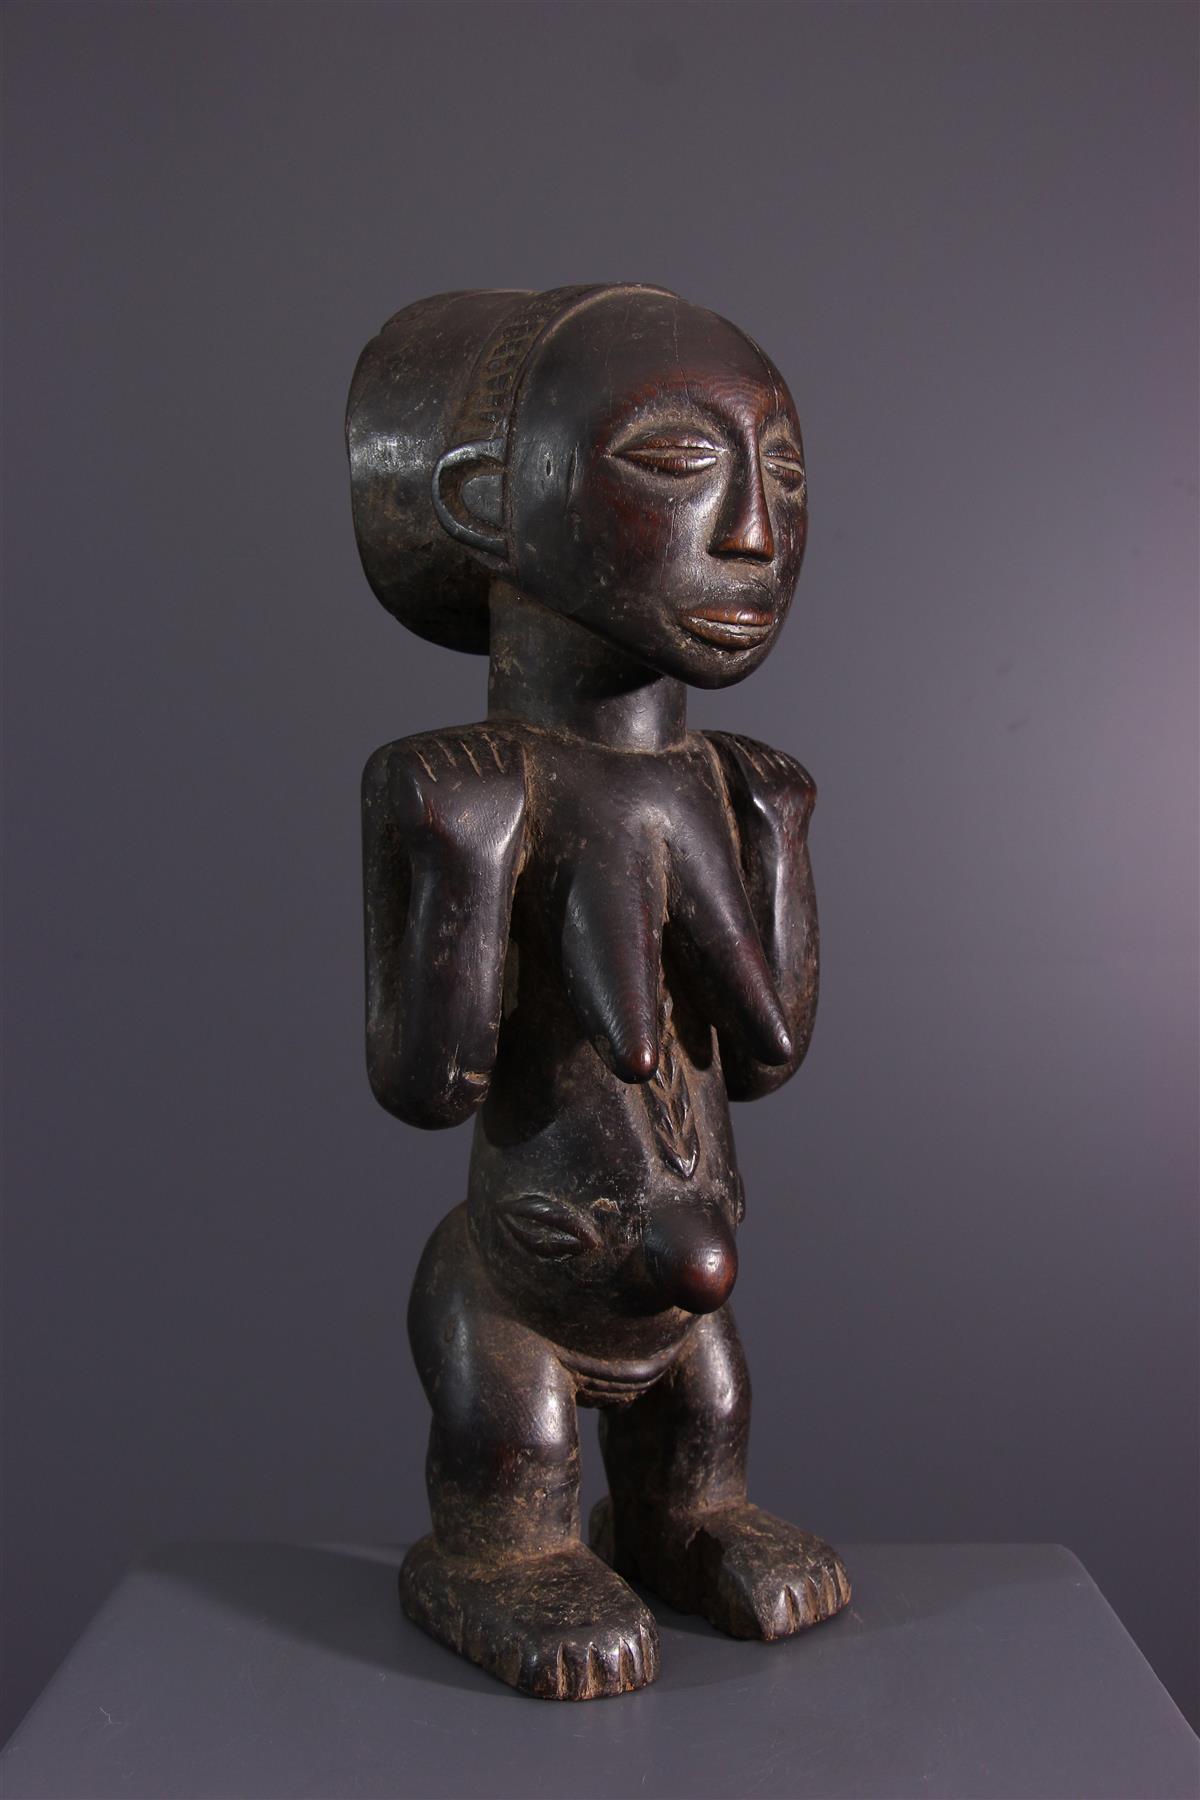 Luba figure - Tribal art